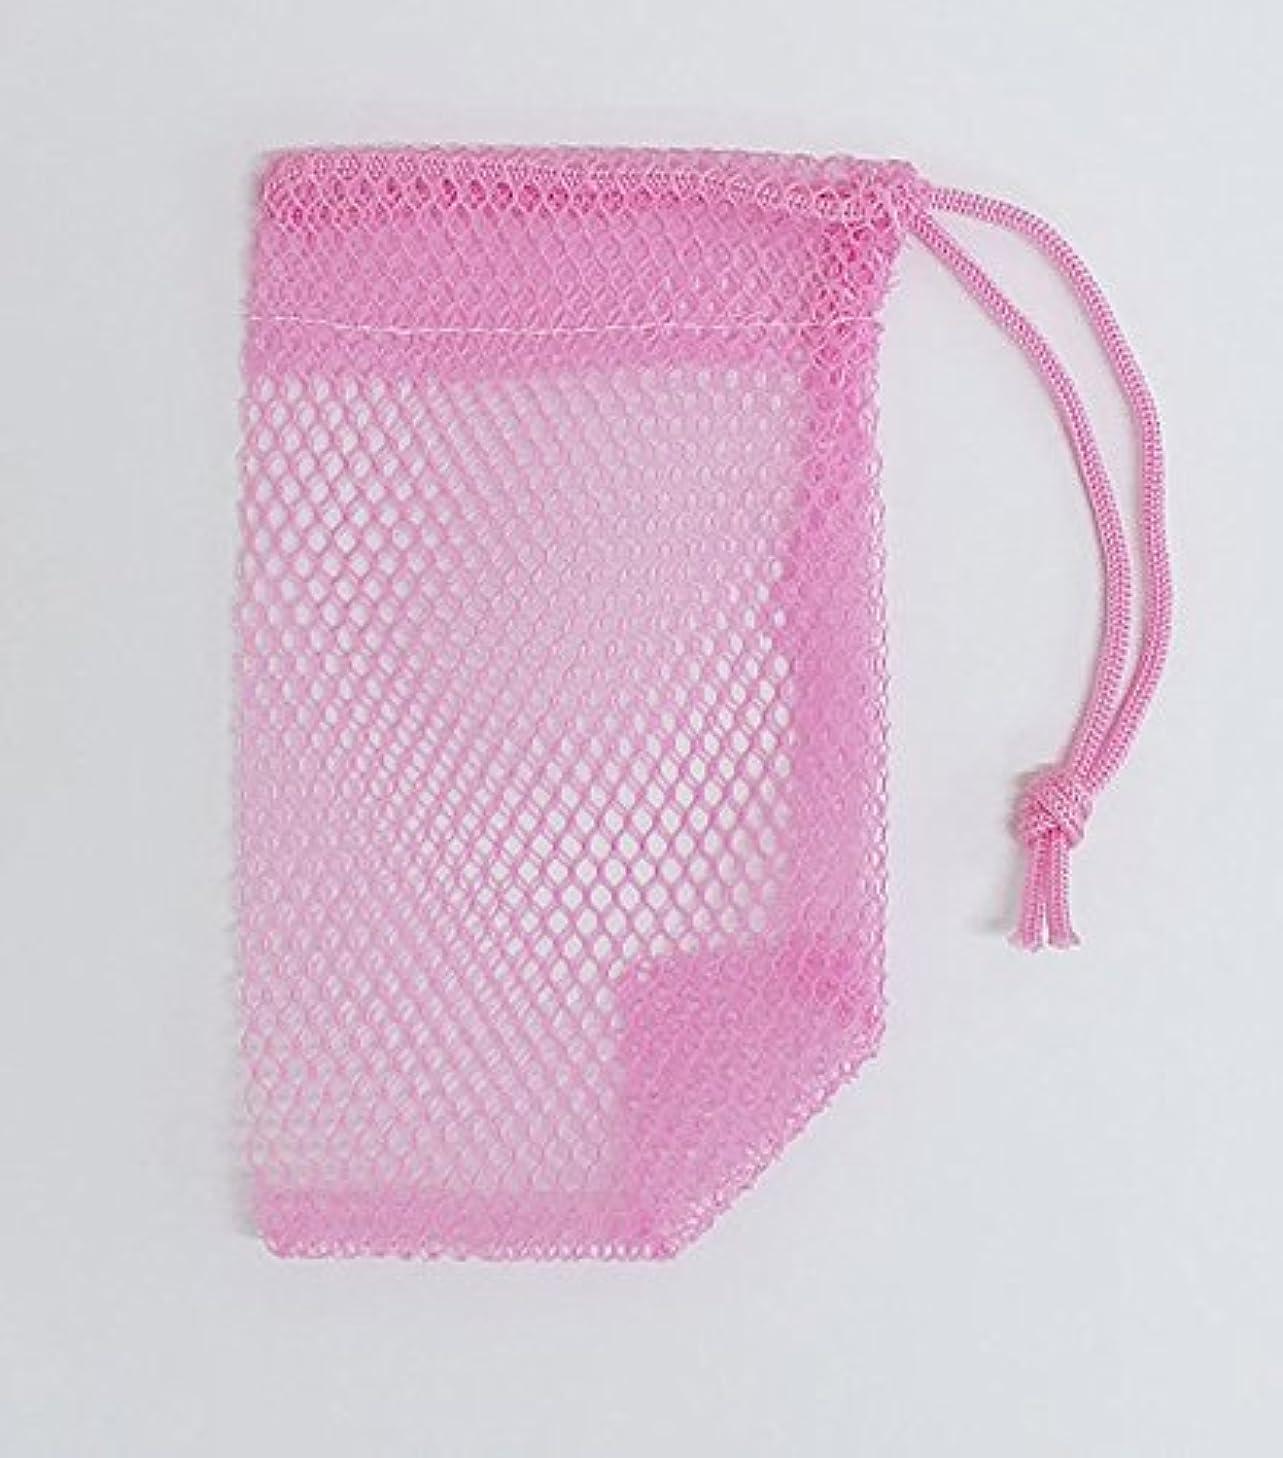 小説短命ジャングル石けんネット ひもタイプ 20枚組  ピンク